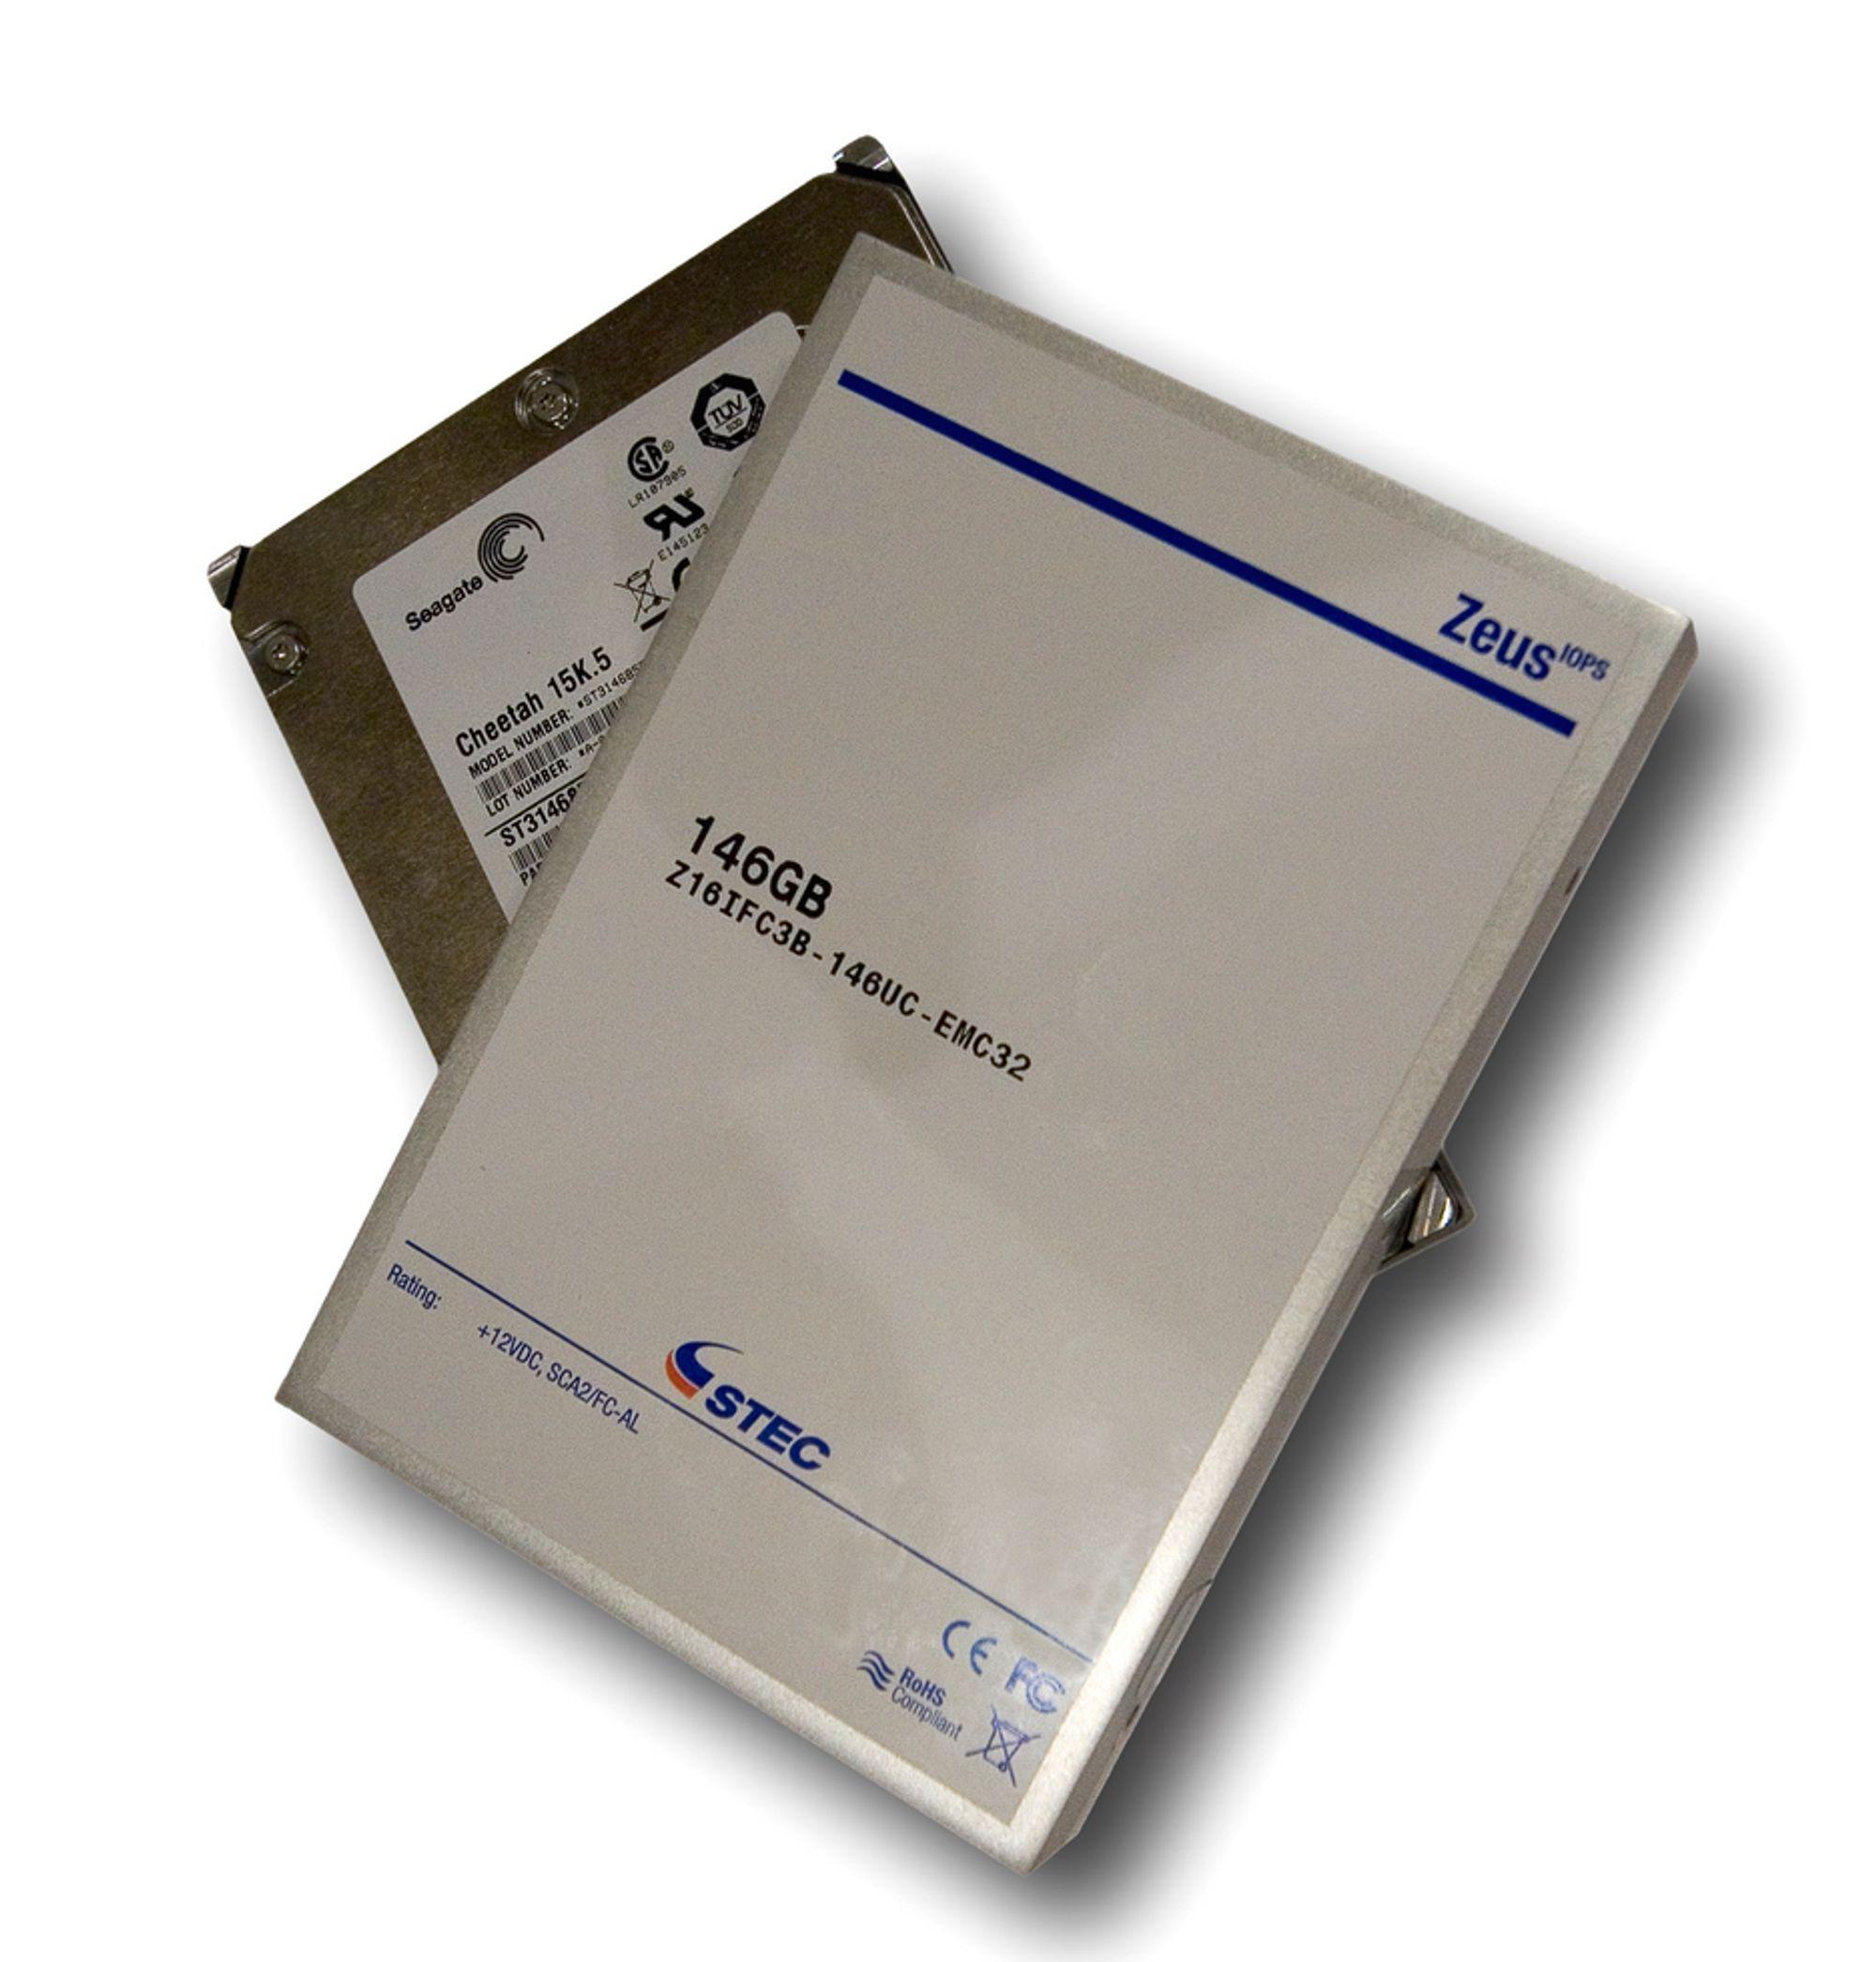 FASTLAGER: En flashdisk minner litt om harddisken under men er svært mye raskere og har ingen bevegelige deler.